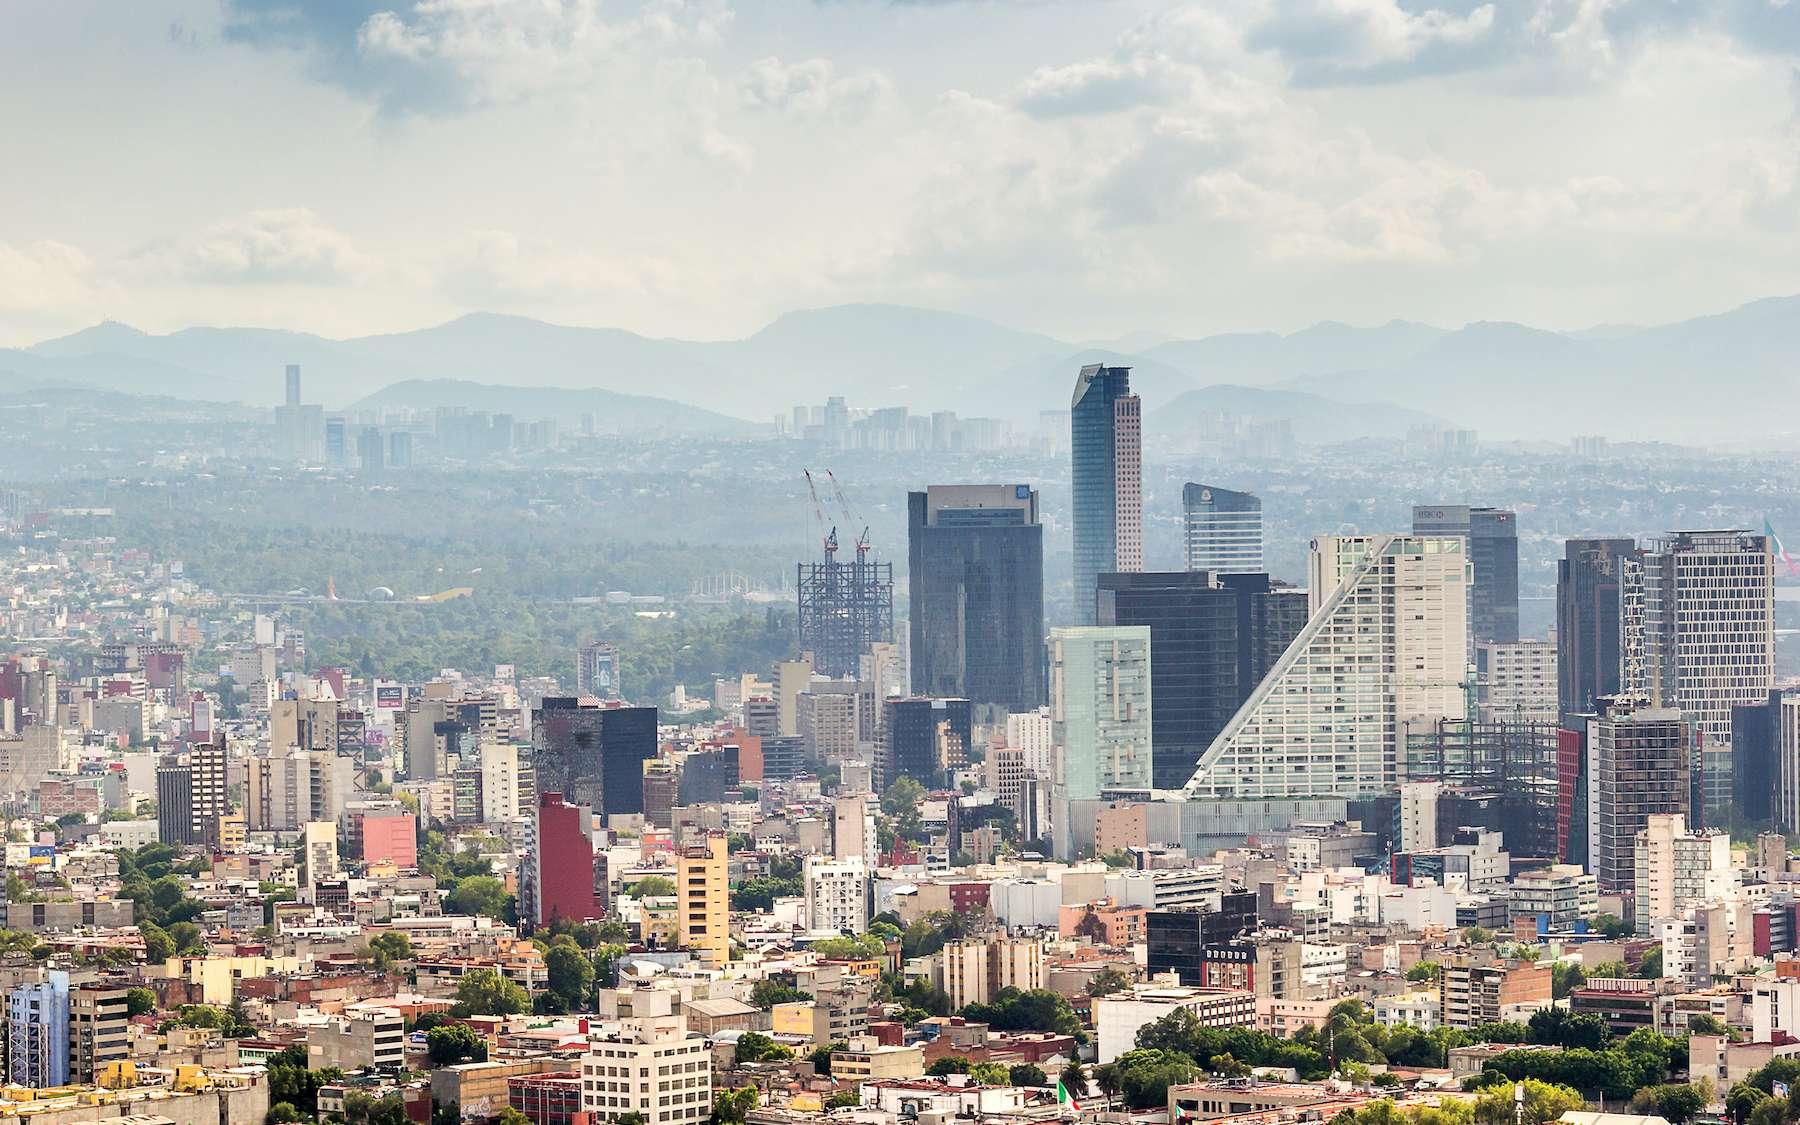 La ville de Mexico est construite sur le lit d'un ancien lac qui se compacte régulièrement sous l'effet de l'infiltration de l'eau. © zsuriel, Adobe Stock